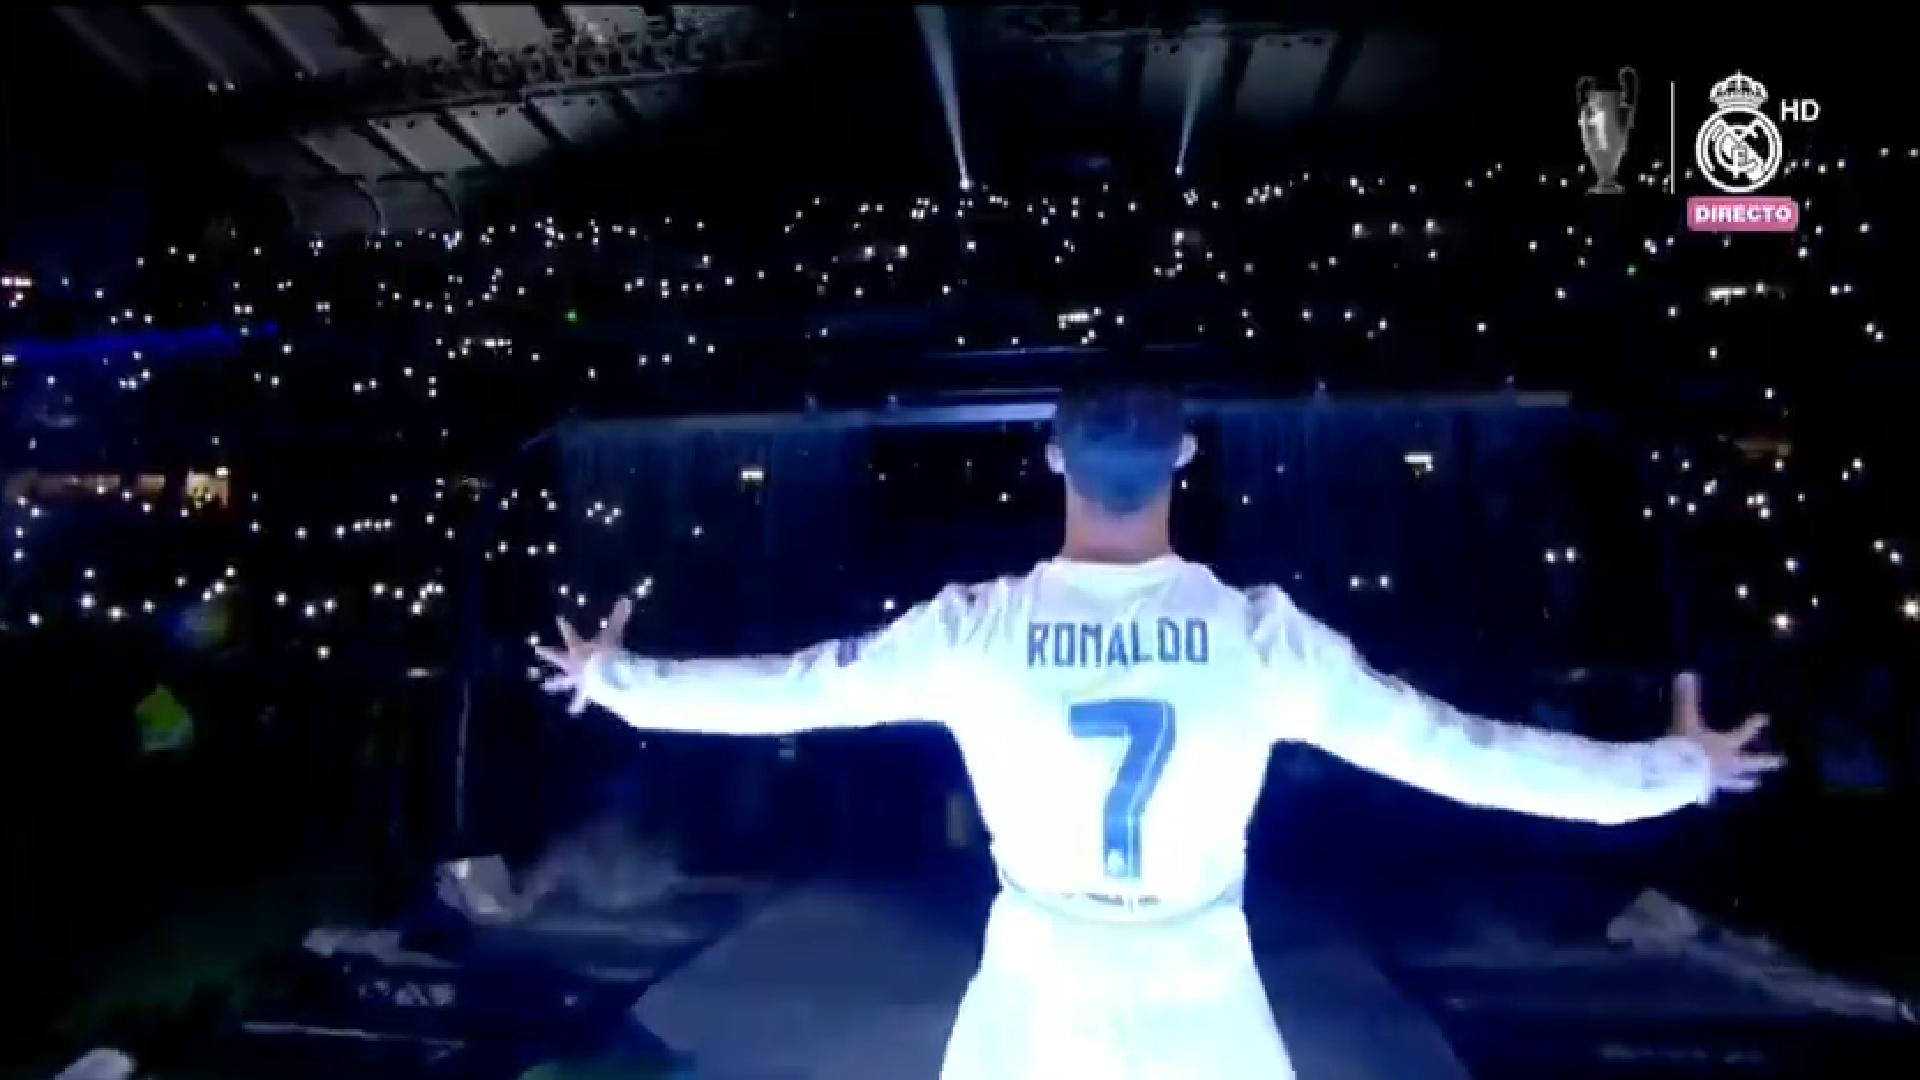 Ludnica preselila na Bernabéu: Ronaldo zapjevao s navijačima